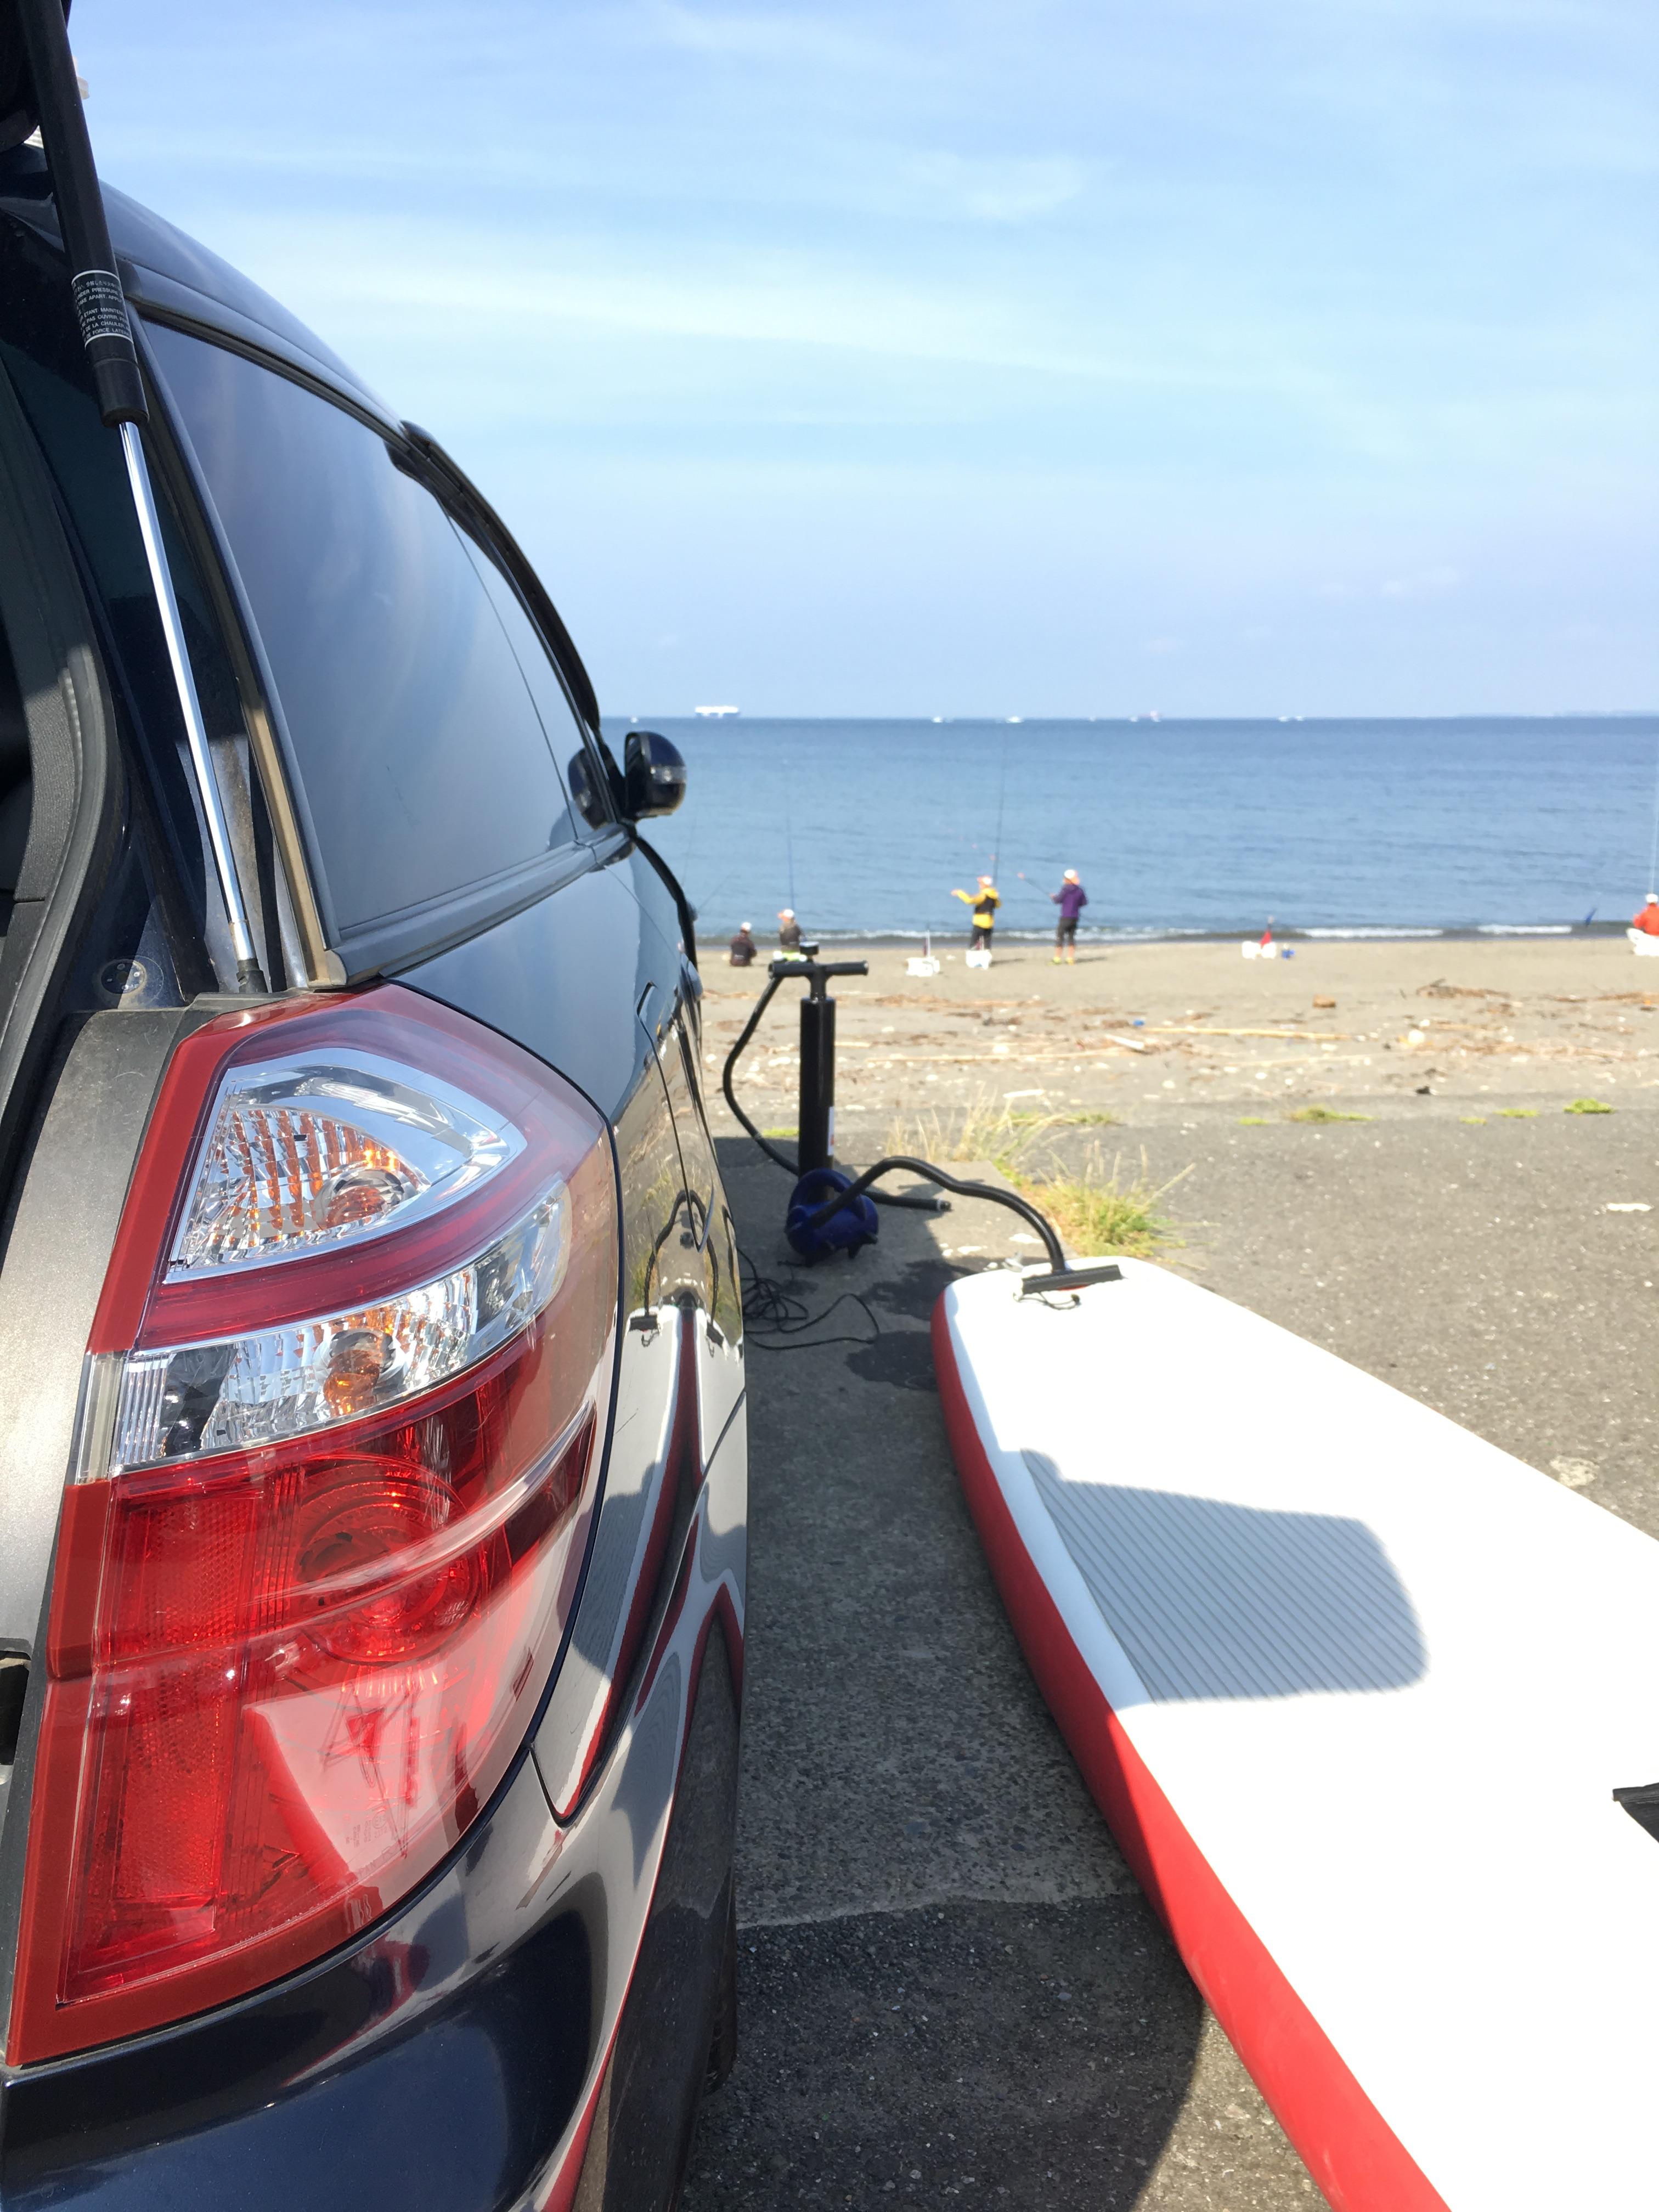 海岸は釣り大会の真っ最中だったけれども、運よく休憩時間帯と出艇時間が一致。前回不調だった電動ポンプも今日は快調。